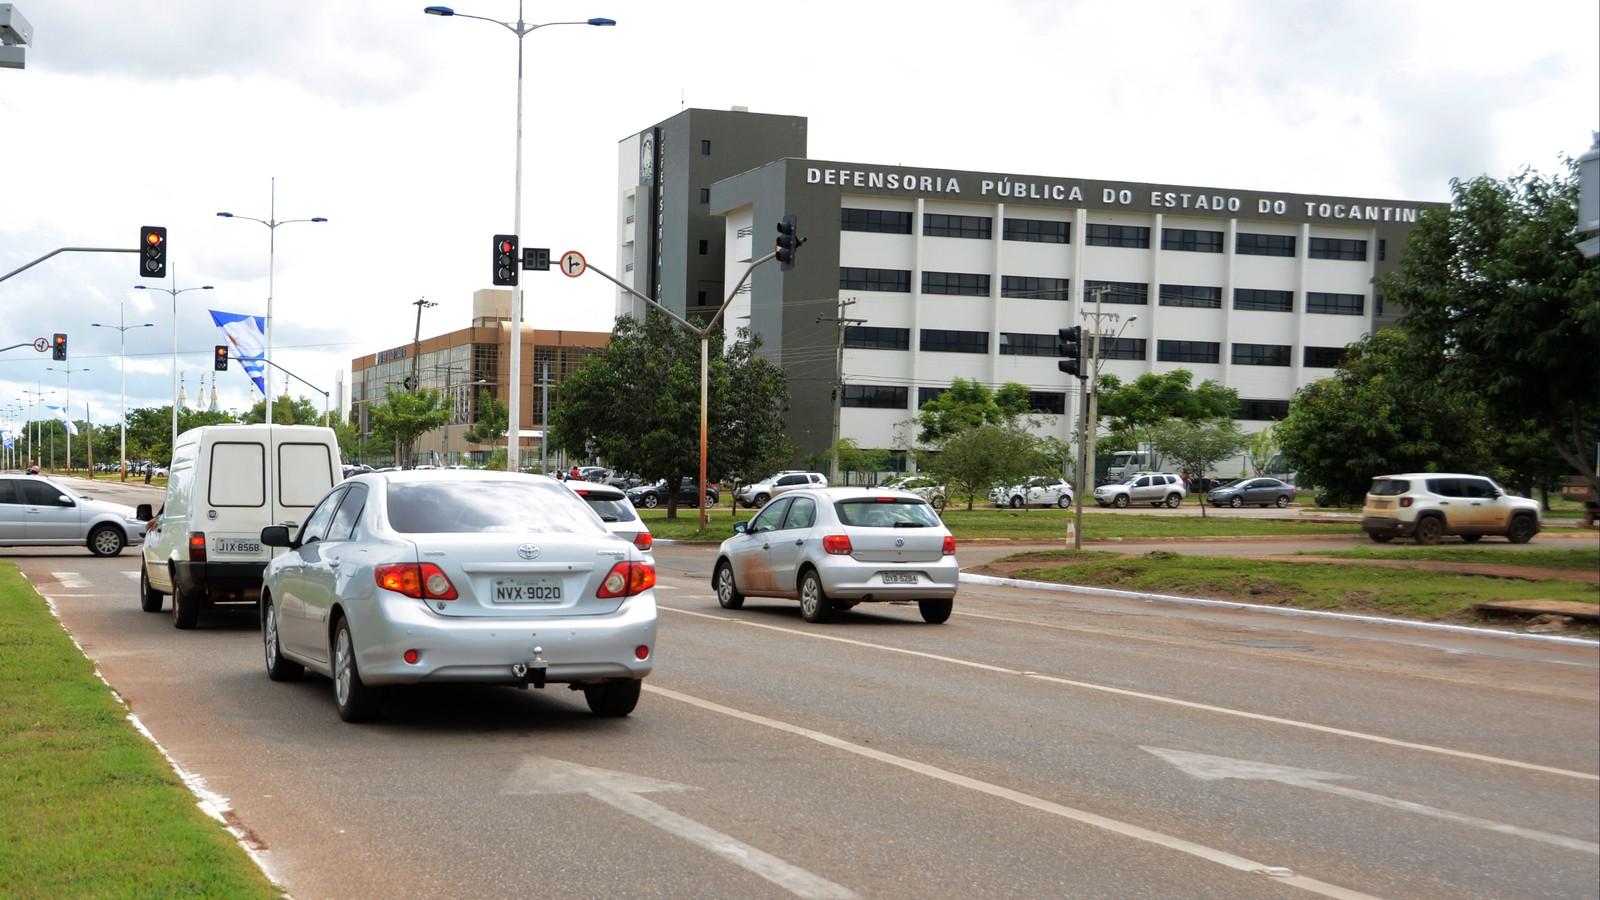 Defensora pública é suspeita de atender de graça servidora com salário de quase R$ 5 mil